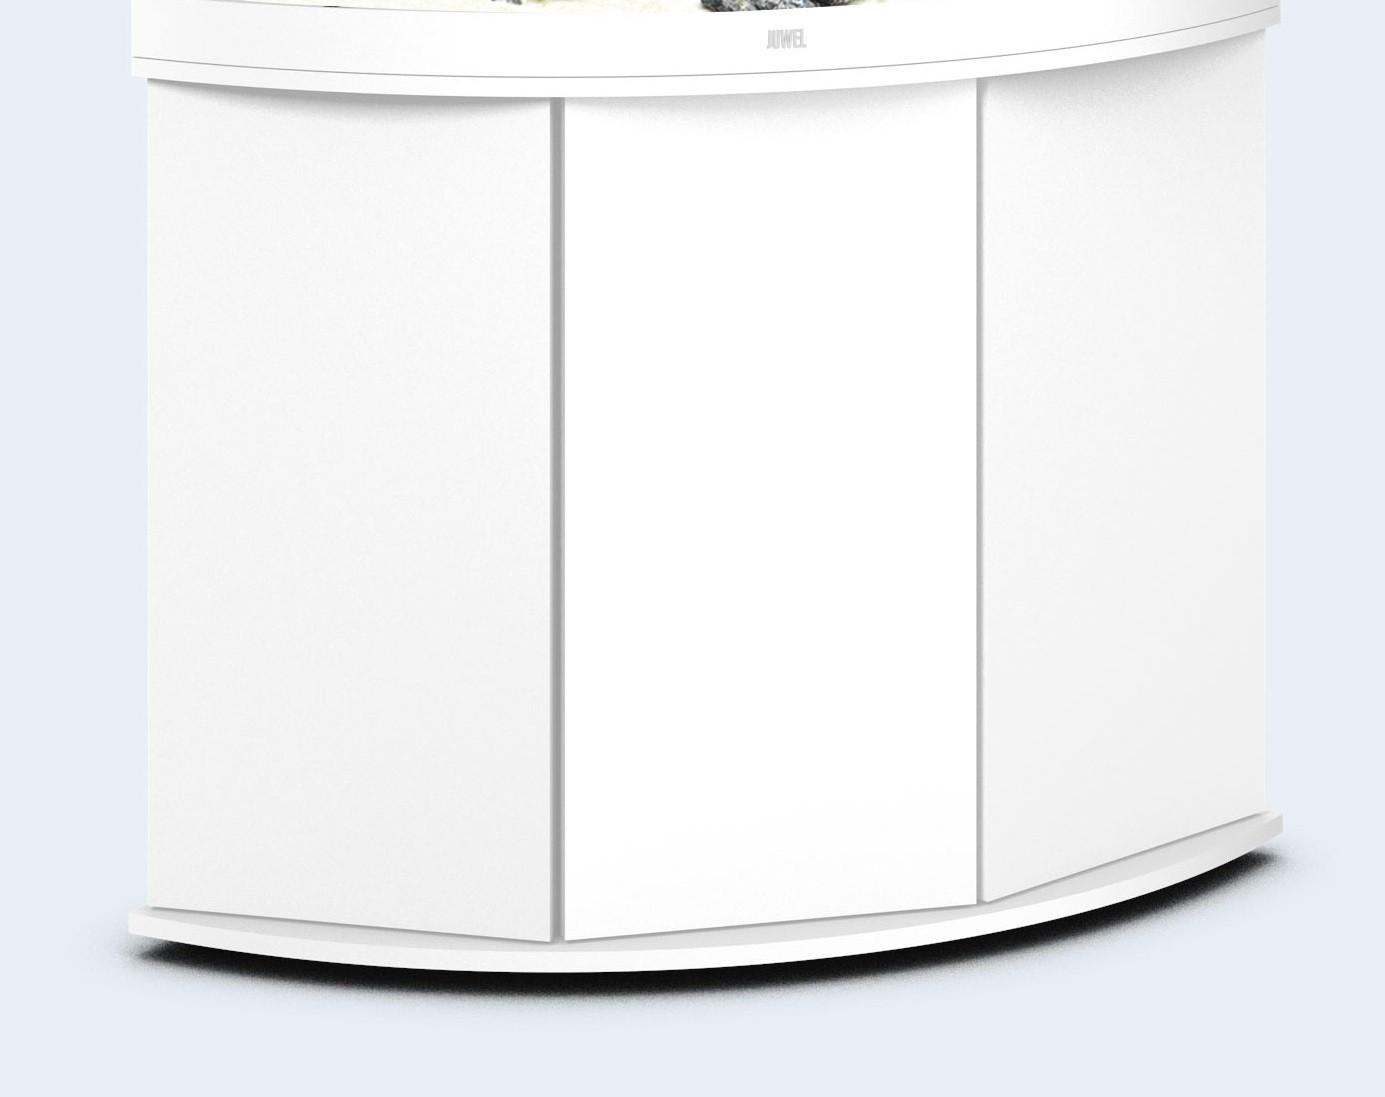 Hvidt Akvarie underskab til 190 liter Trigon model